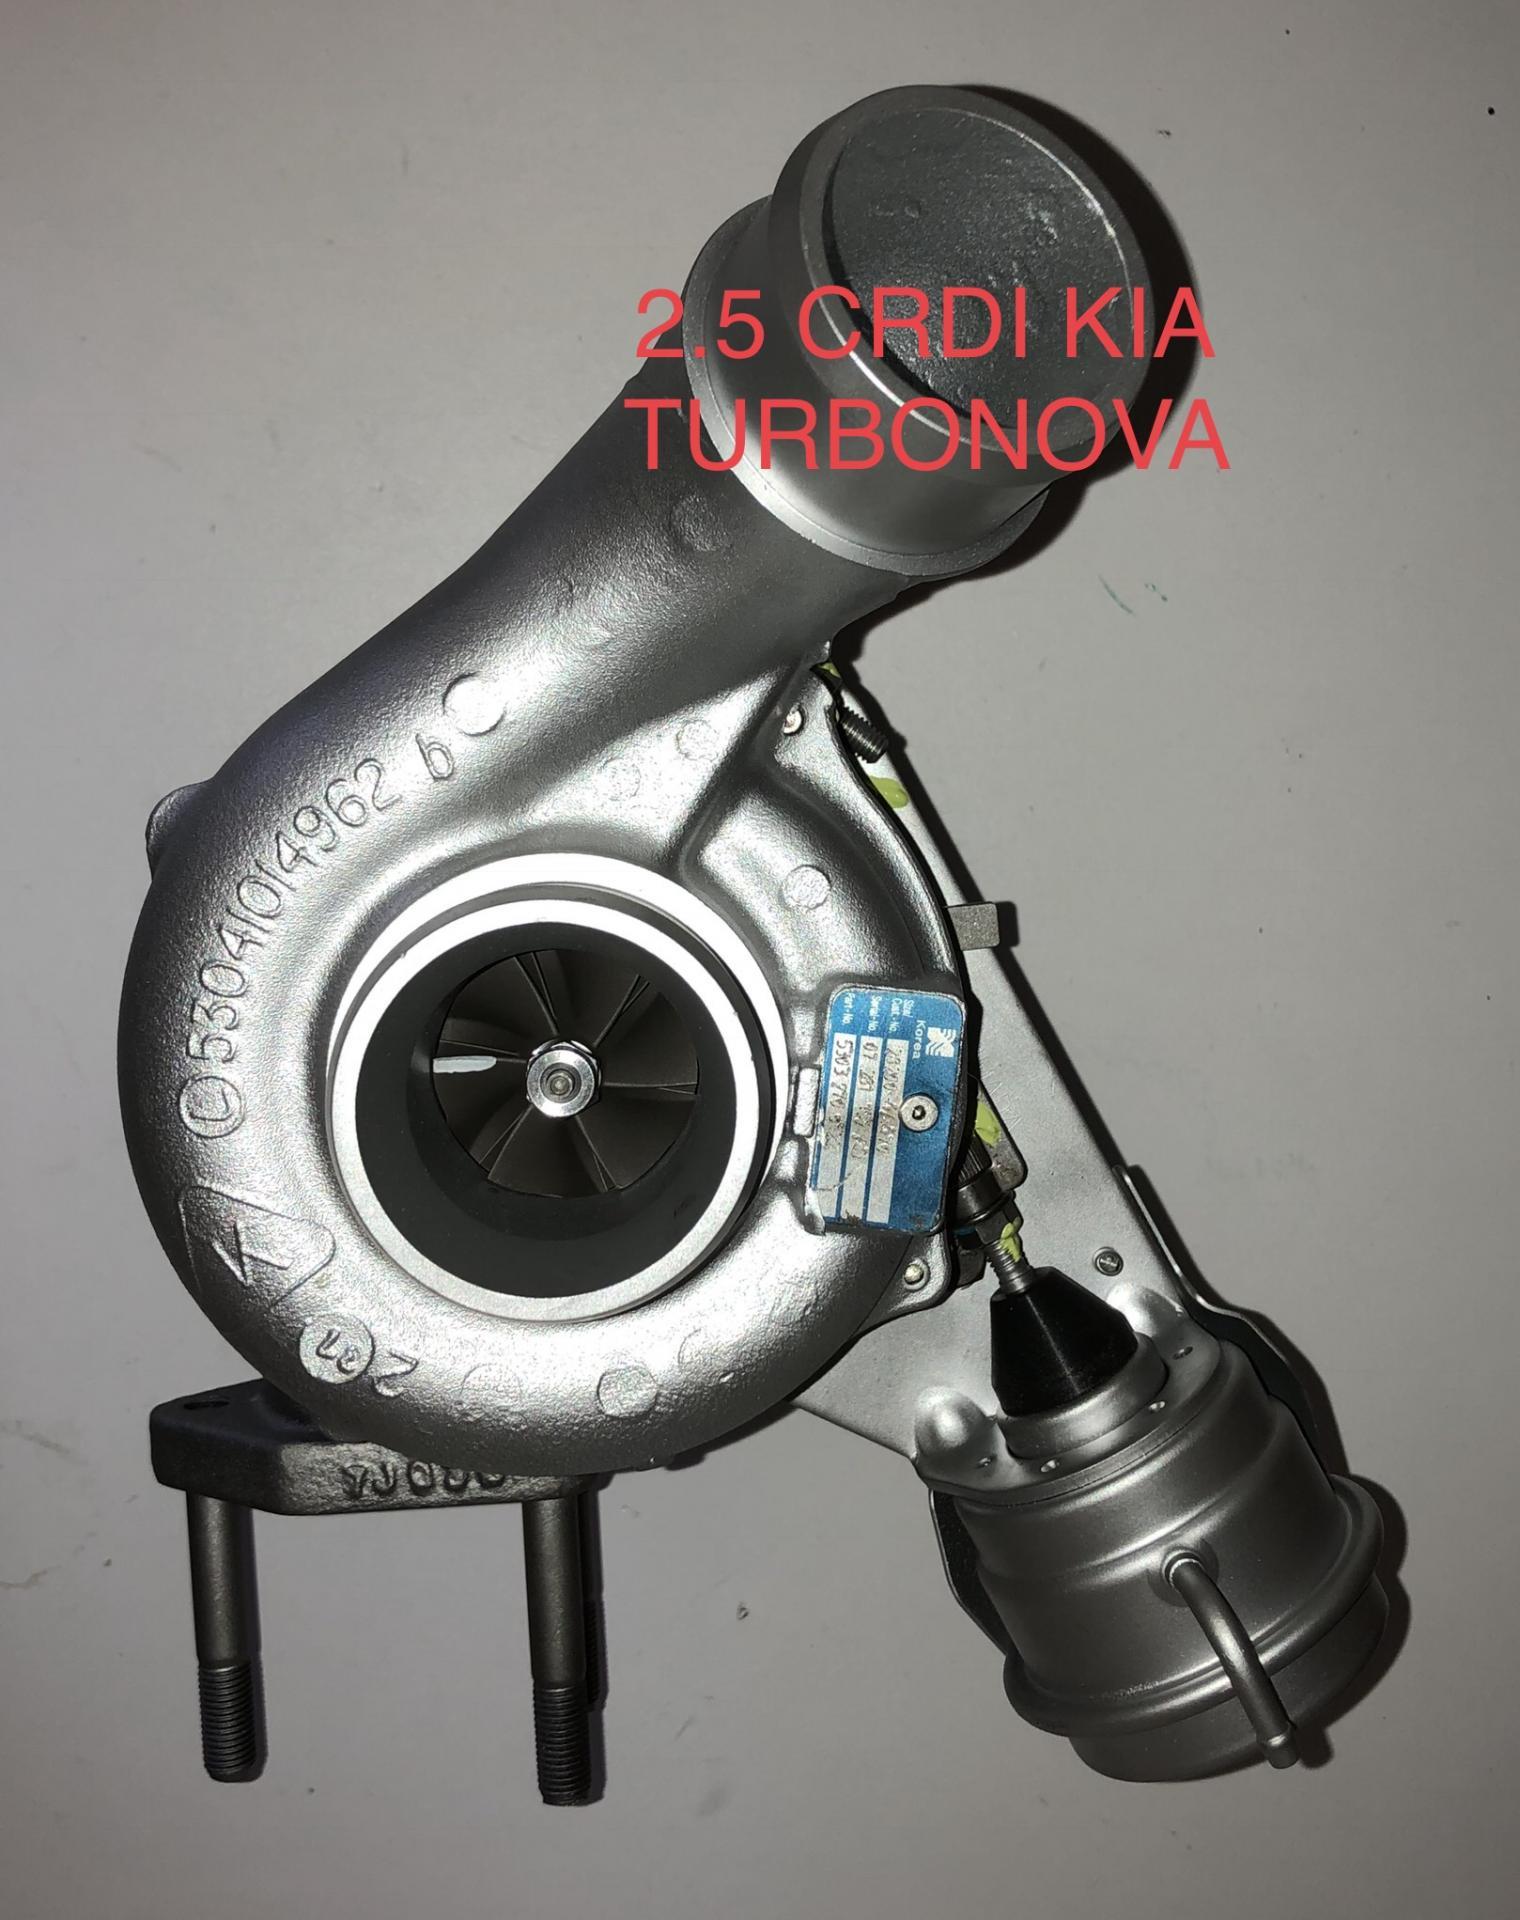 DFA23D2D-B9C4-4088-8887-DCD88E92F104